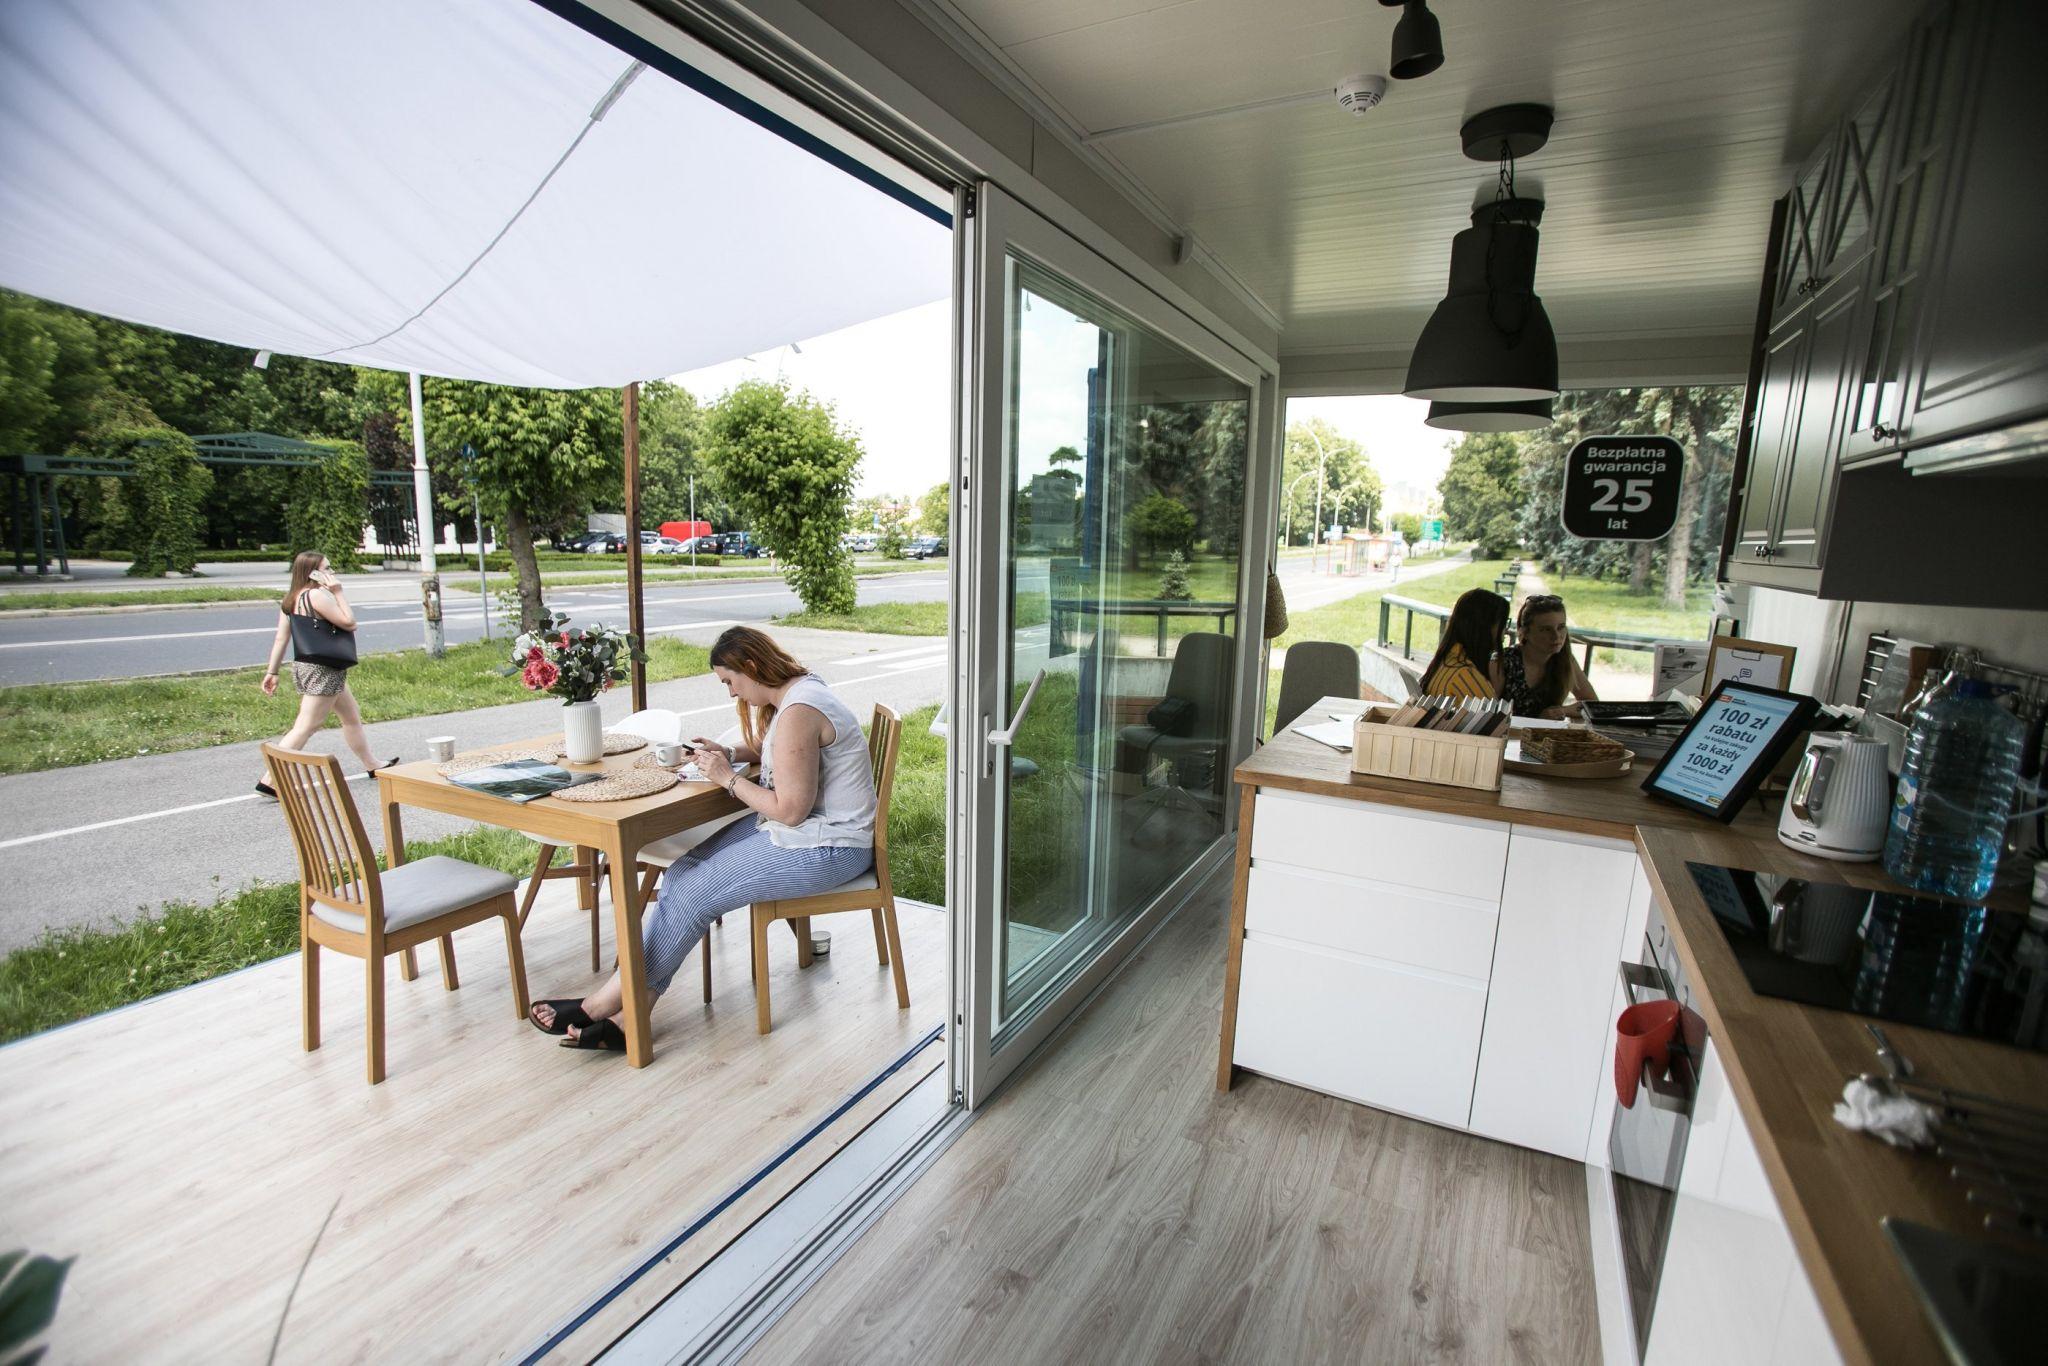 Przystanek Kuchnia Ikea Czeka Na Mieszkańców Zamościa